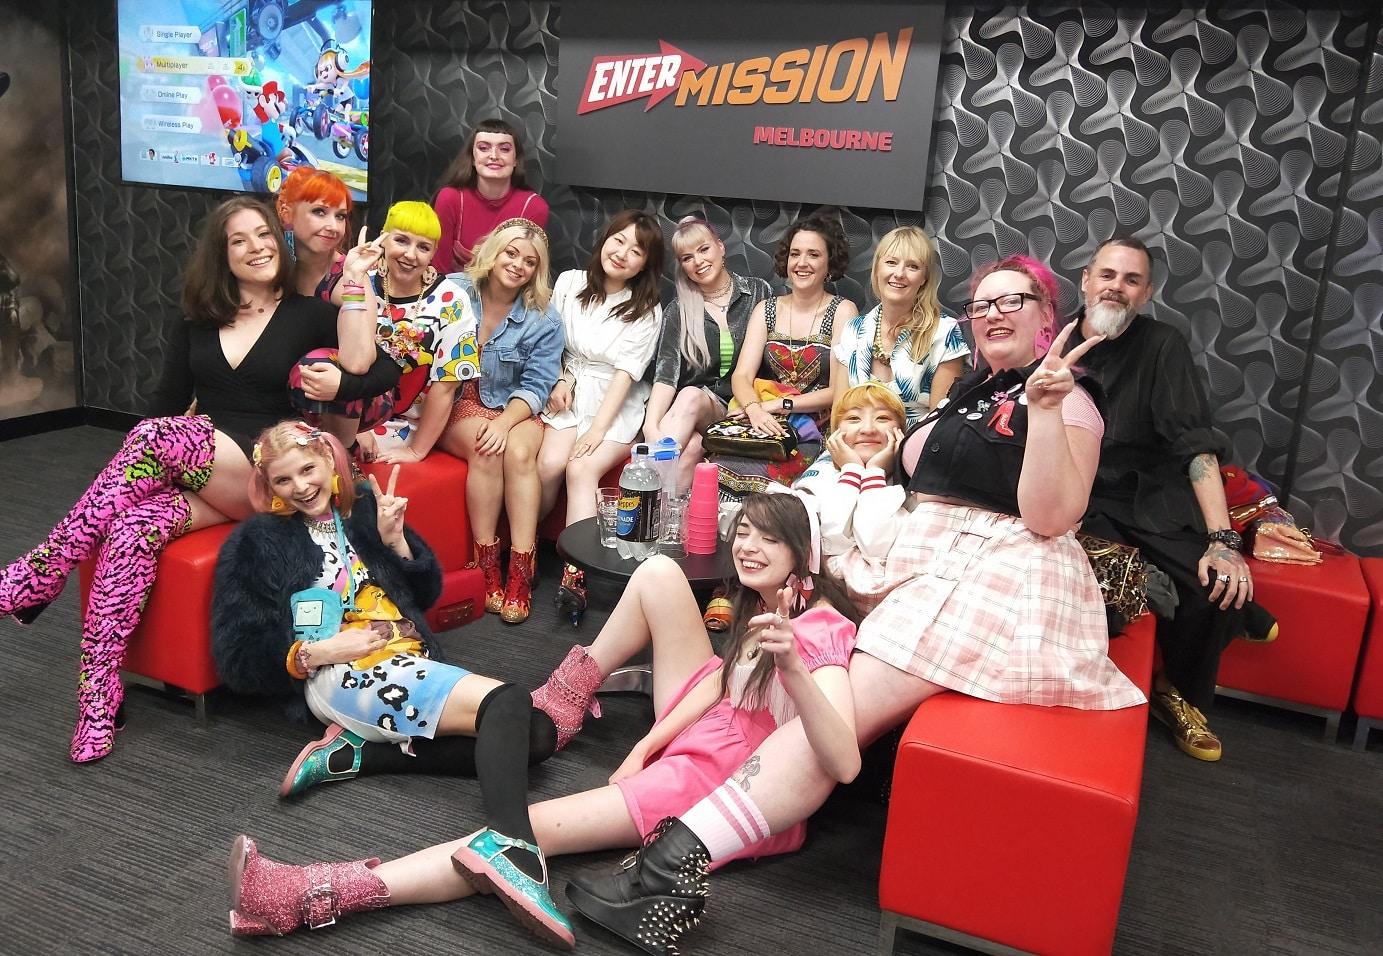 Entermission VR Escape Rooms Hens party SML